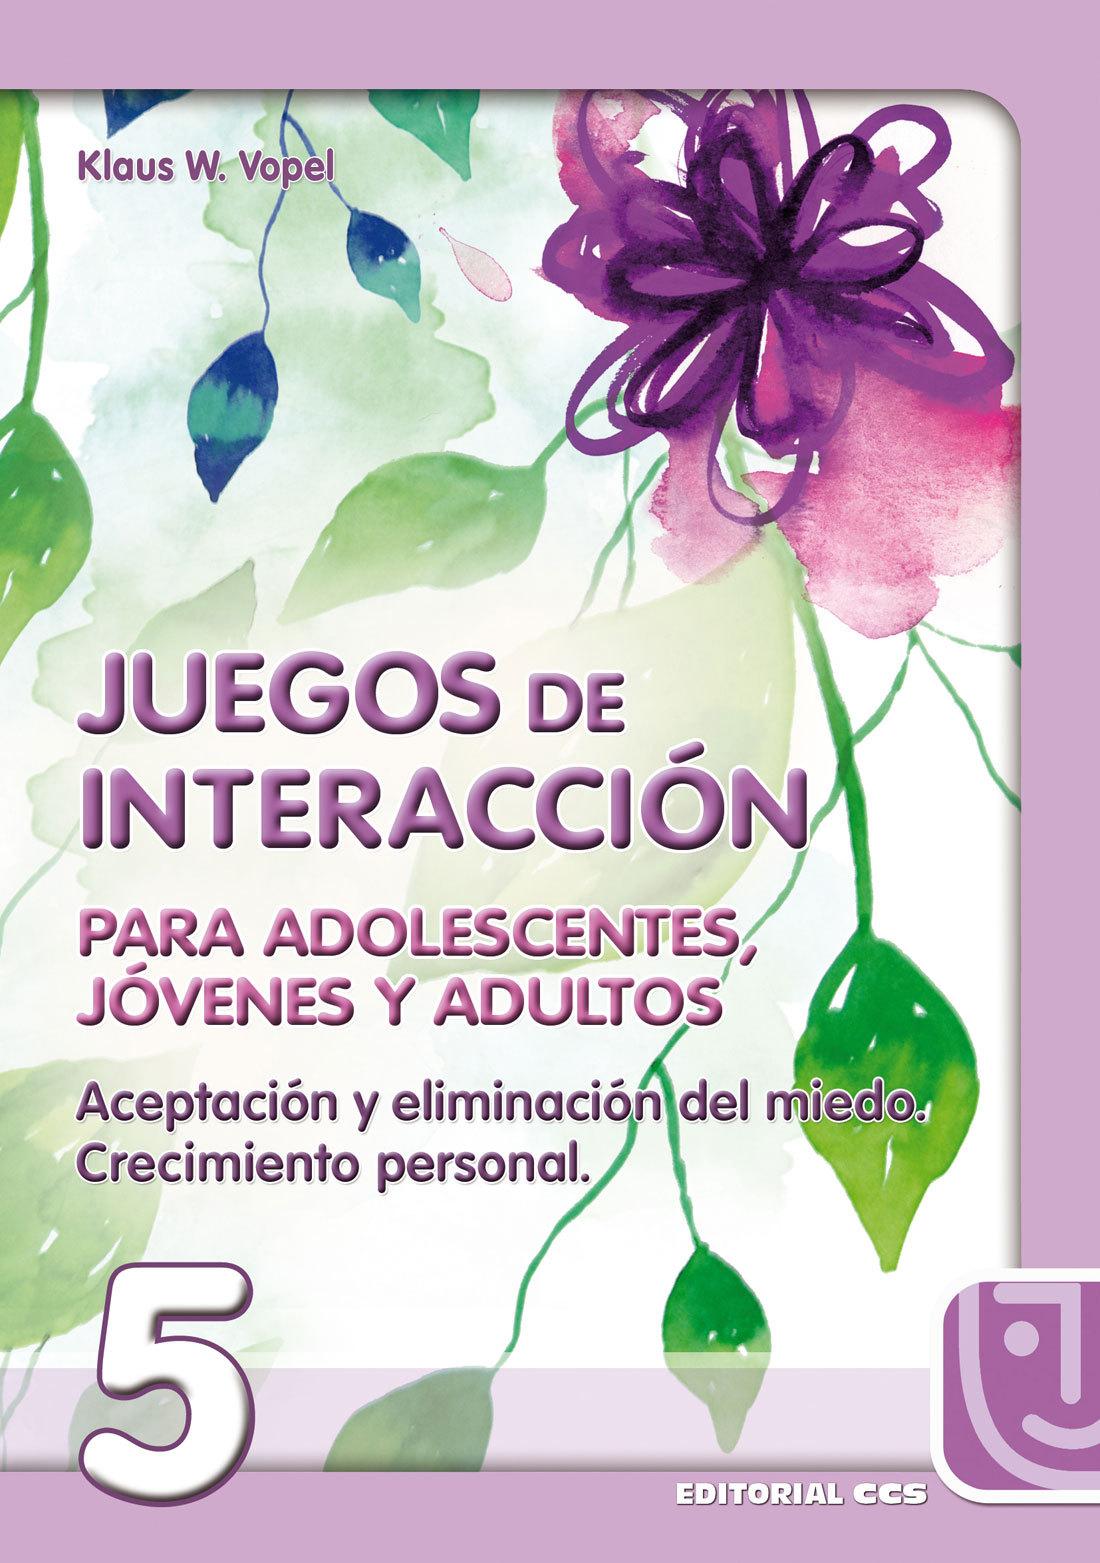 JUEGOS DE INTERACCION PARA ADOLESCENTES, JOVENES Y ADULTOS Nº 5